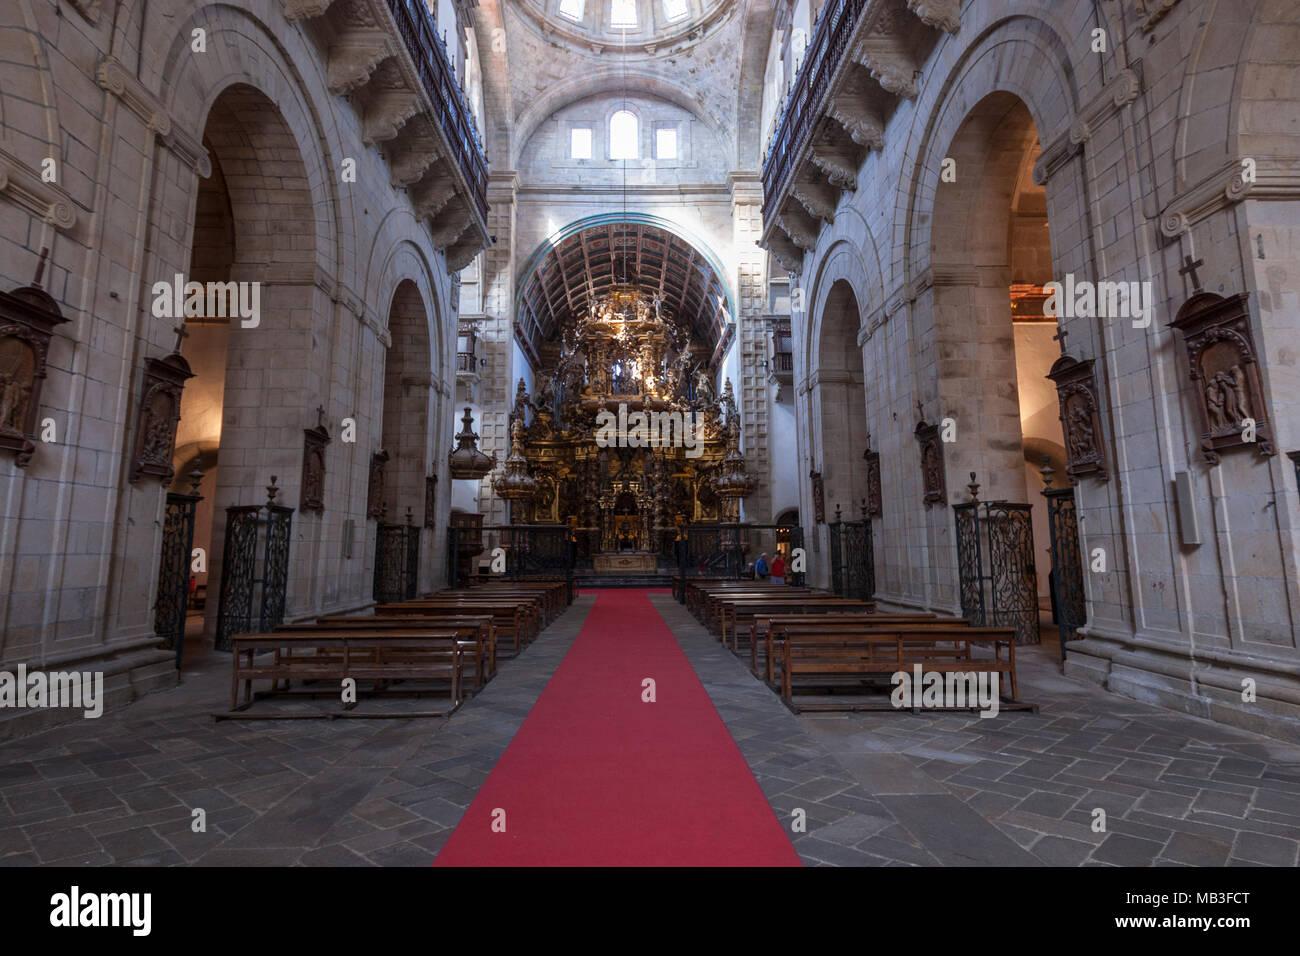 Main nave of the Museo e Iglesia de San Martín Pinario, Santiago de Compostela, Galicia, Spain - Stock Image